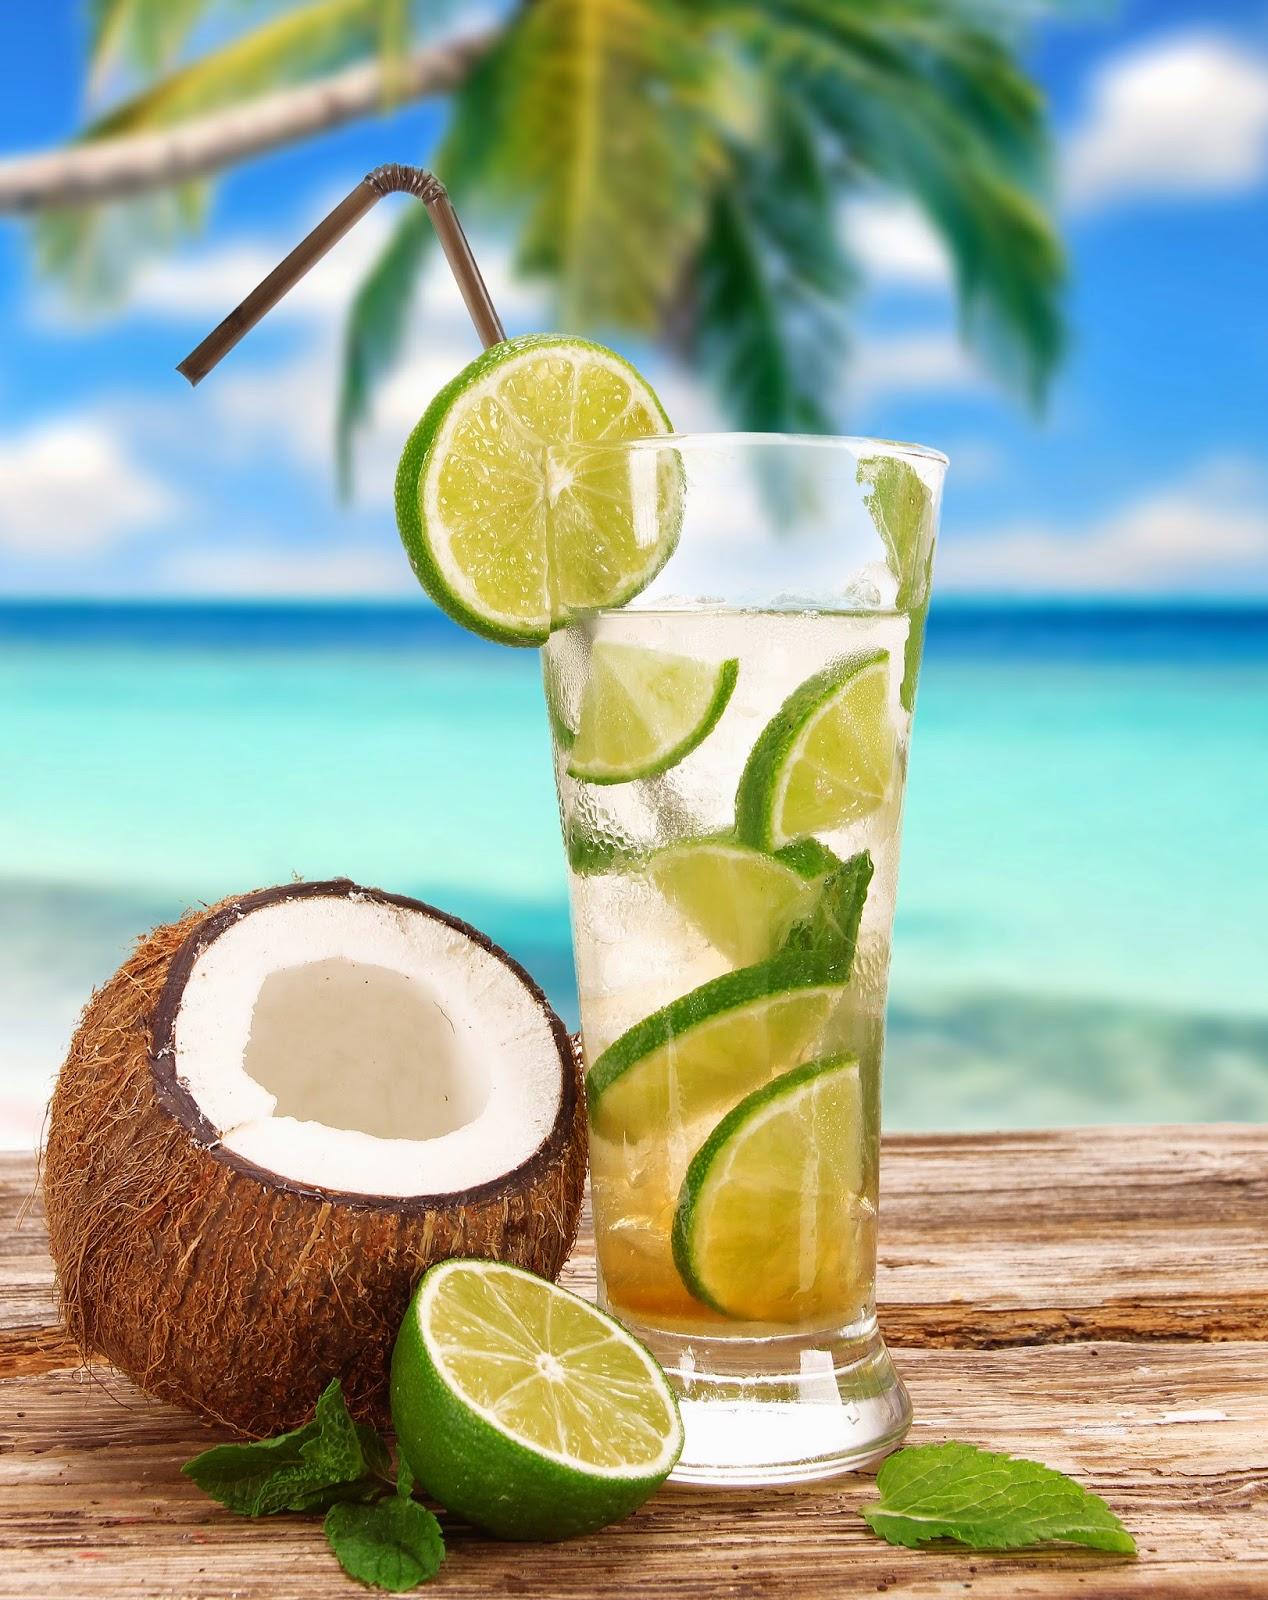 Coco-lemon